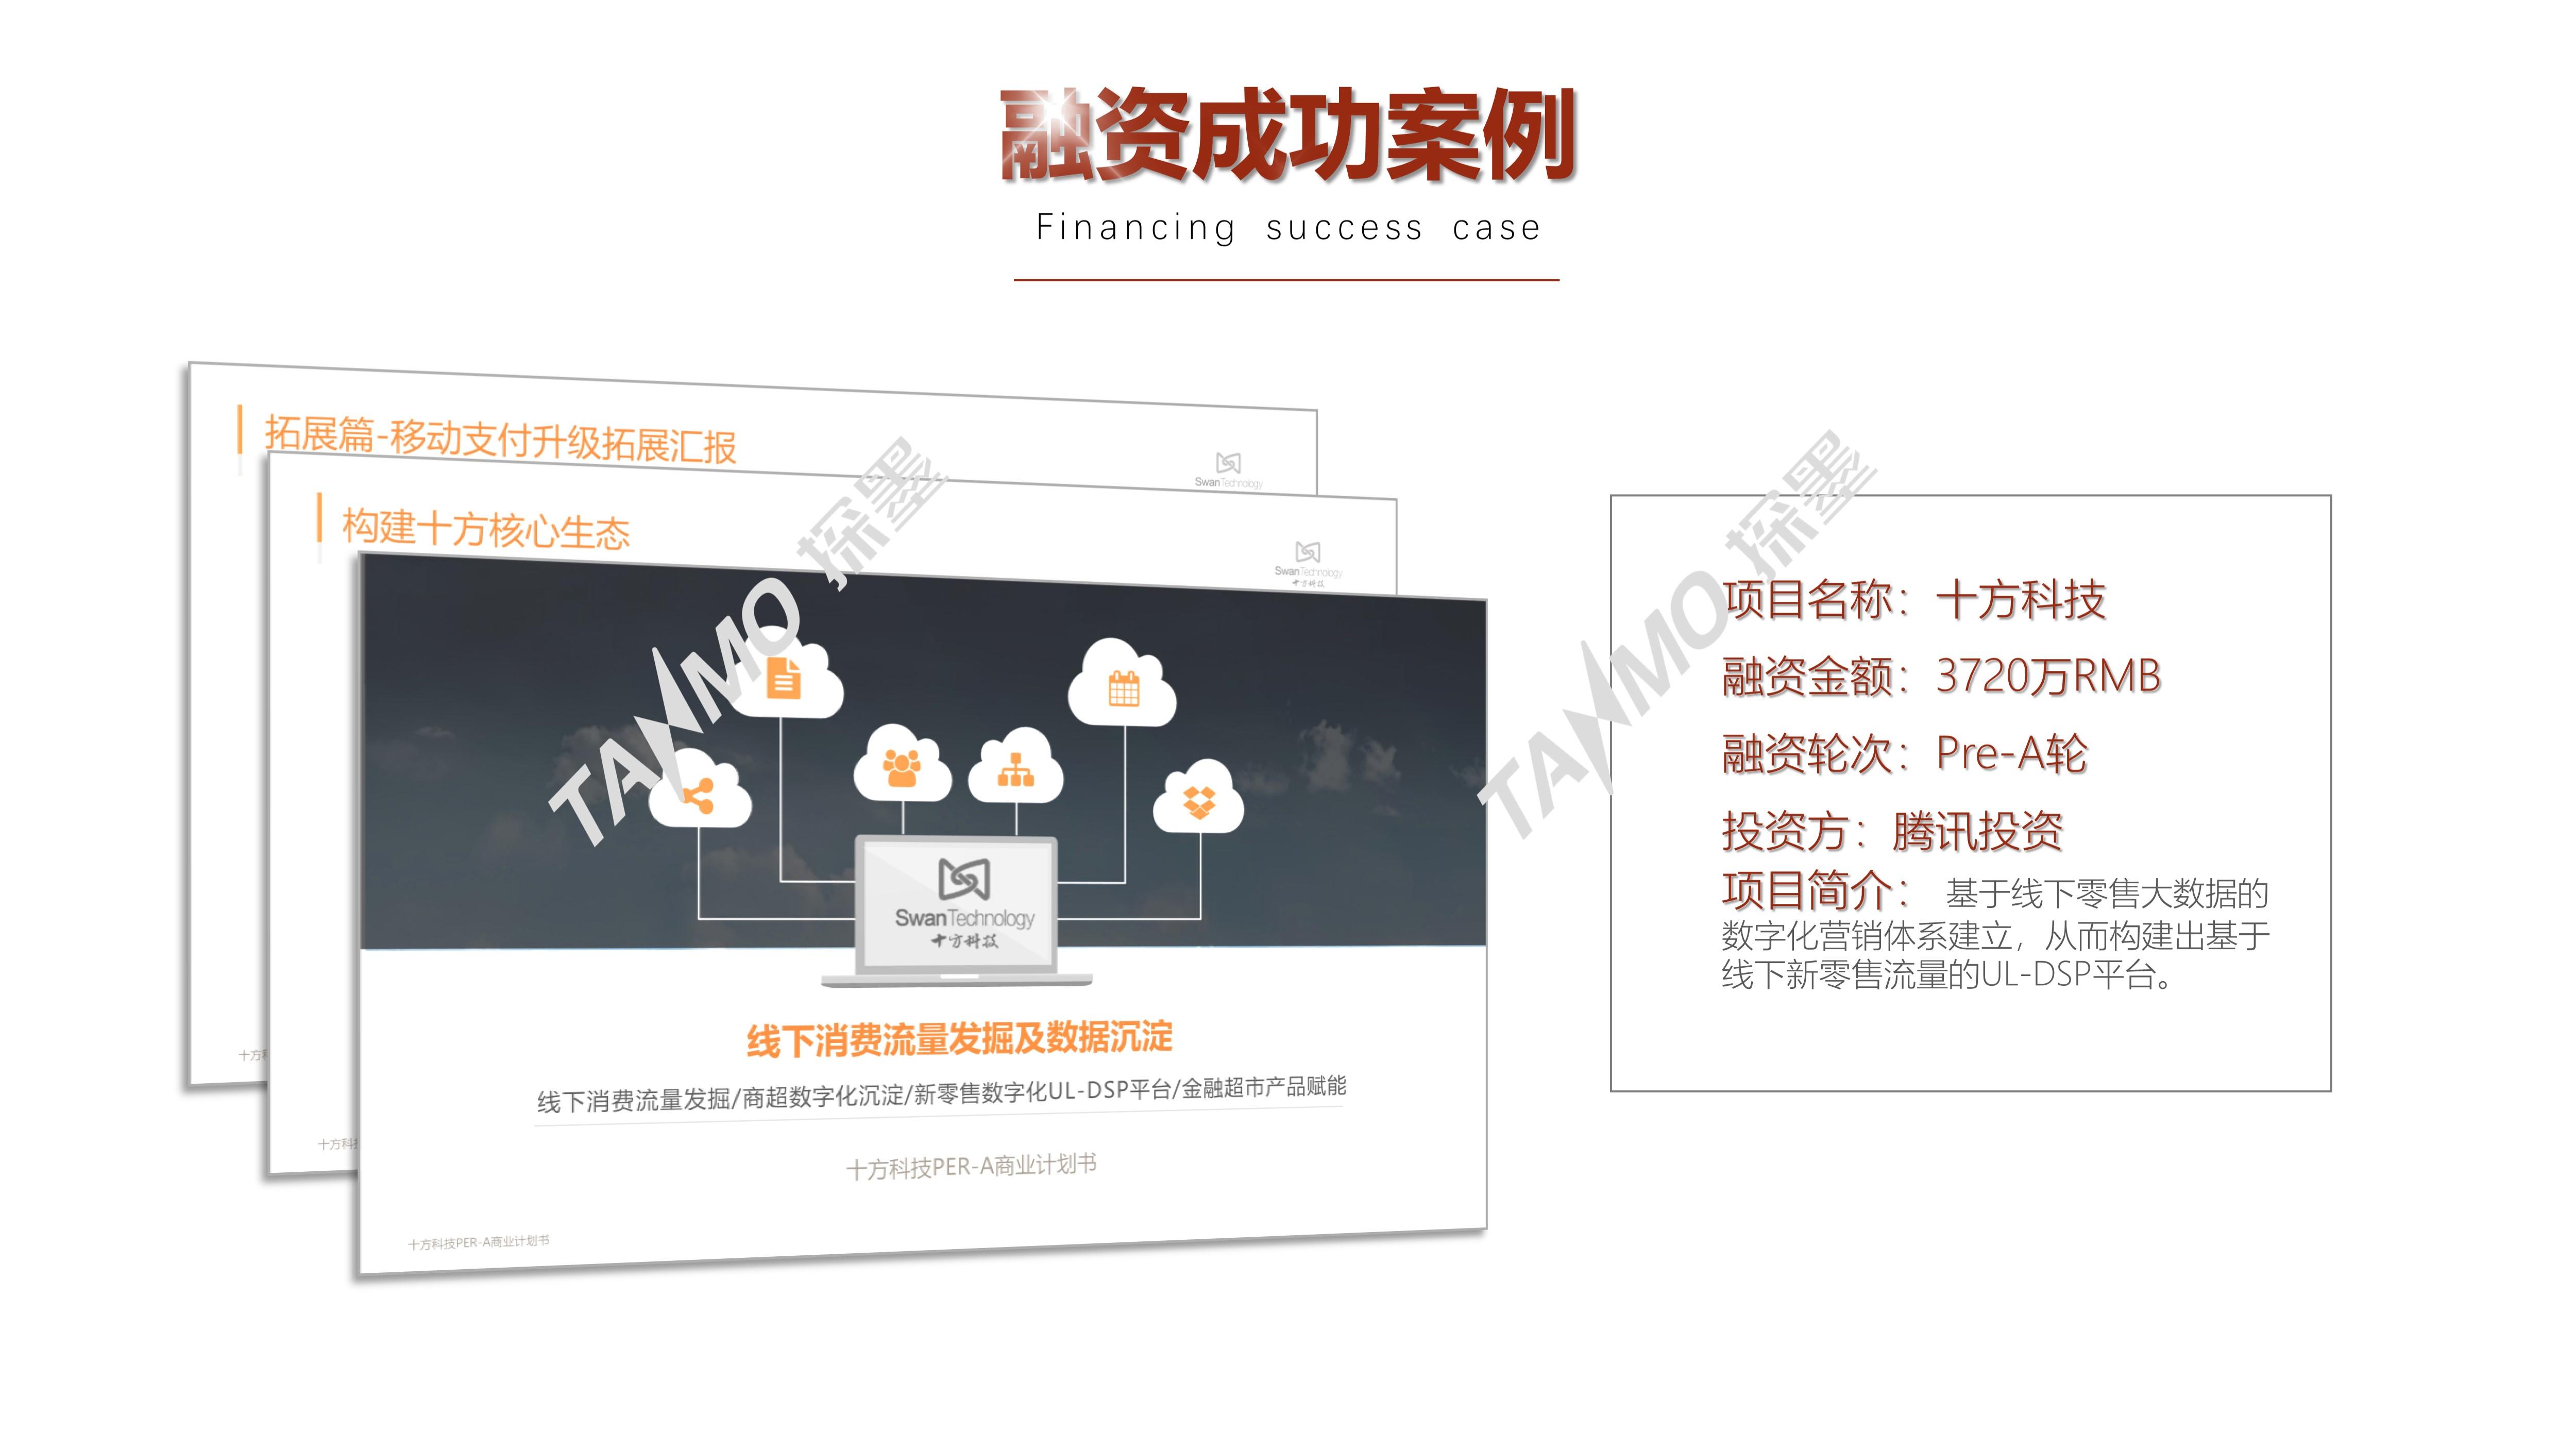 融资商业计划书PPT创业计划书路演BP代写招商策划方案